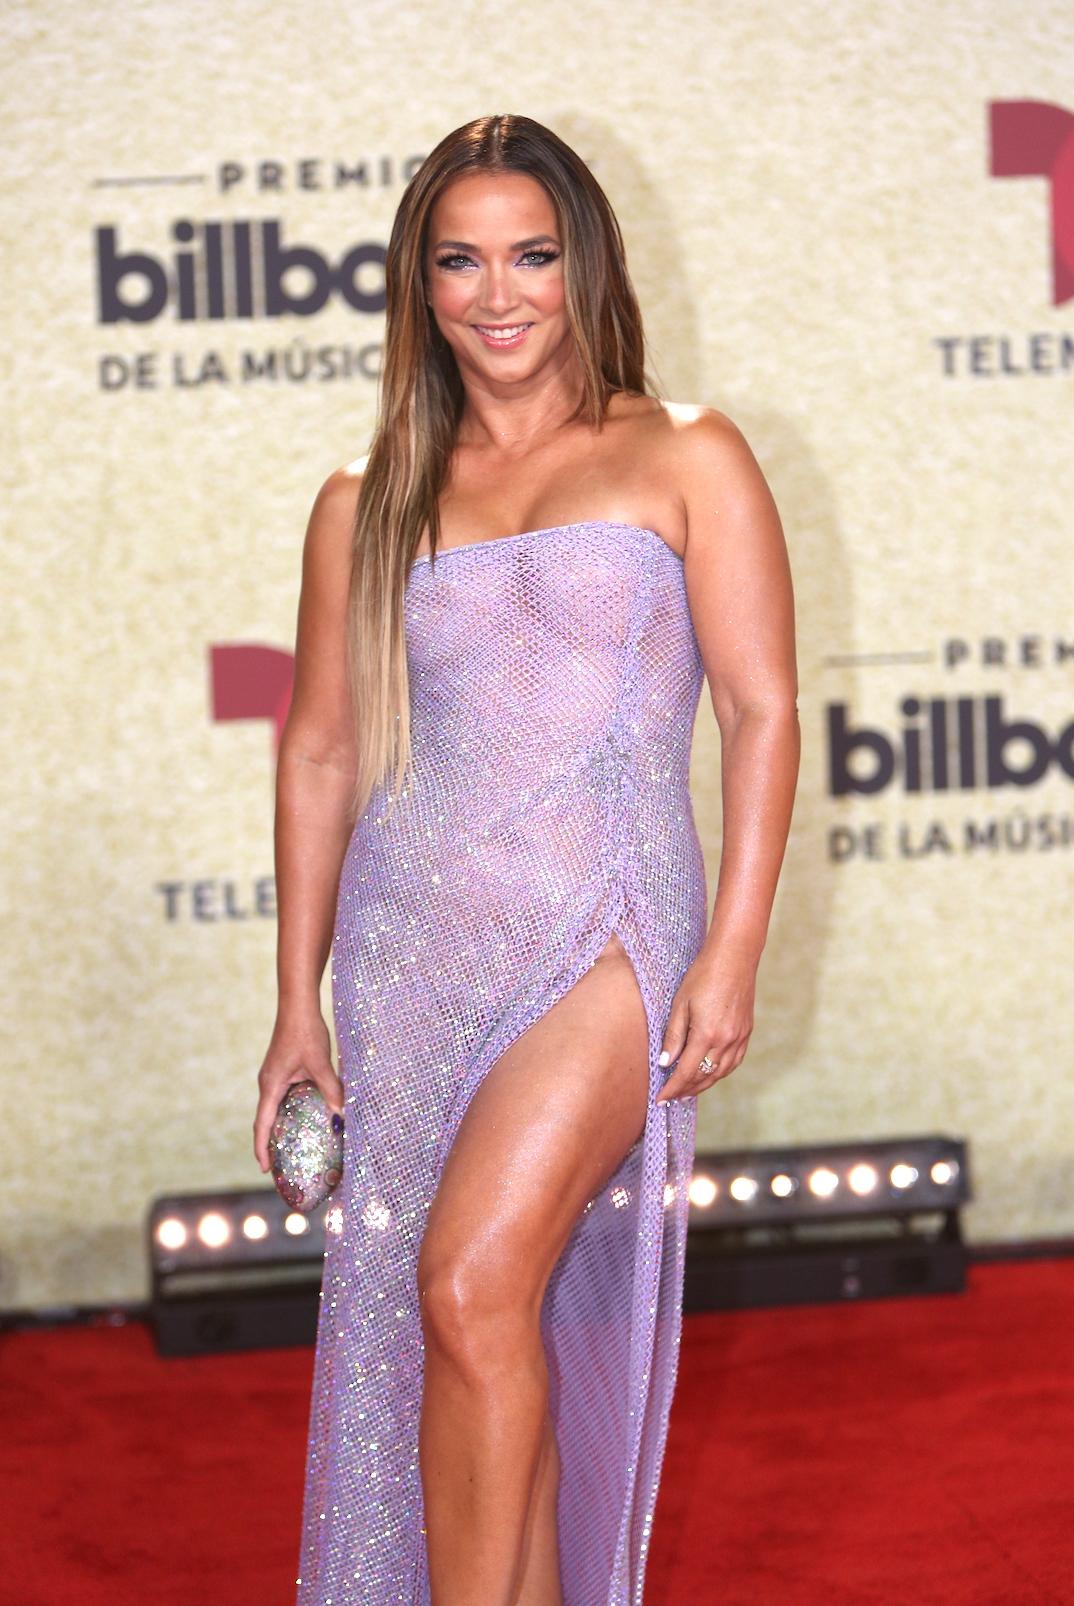 adamari lopez, de de belleza, premios Billboard 2021